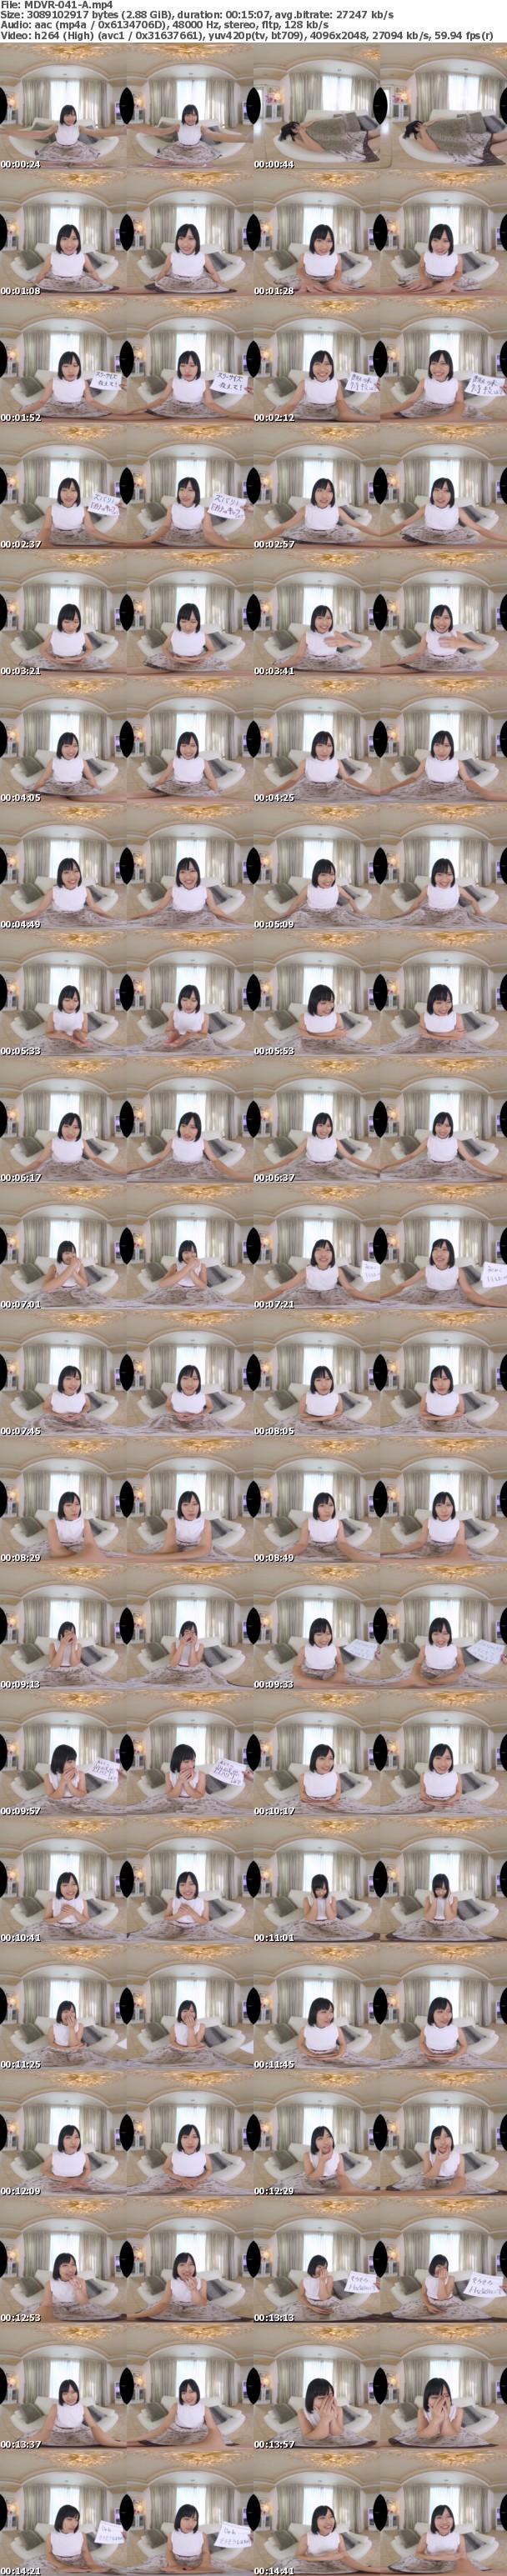 (VR) MDVR-041 MOODYZ Fresh 高画質VR 透明感あふれるパイパンスレンダー!新美かりん初VR作品!! 本当はエッチが大好きなお嬢様がアナタに見られながら!アナタのチ○ポで!潮吹きまくり&イキまくり!